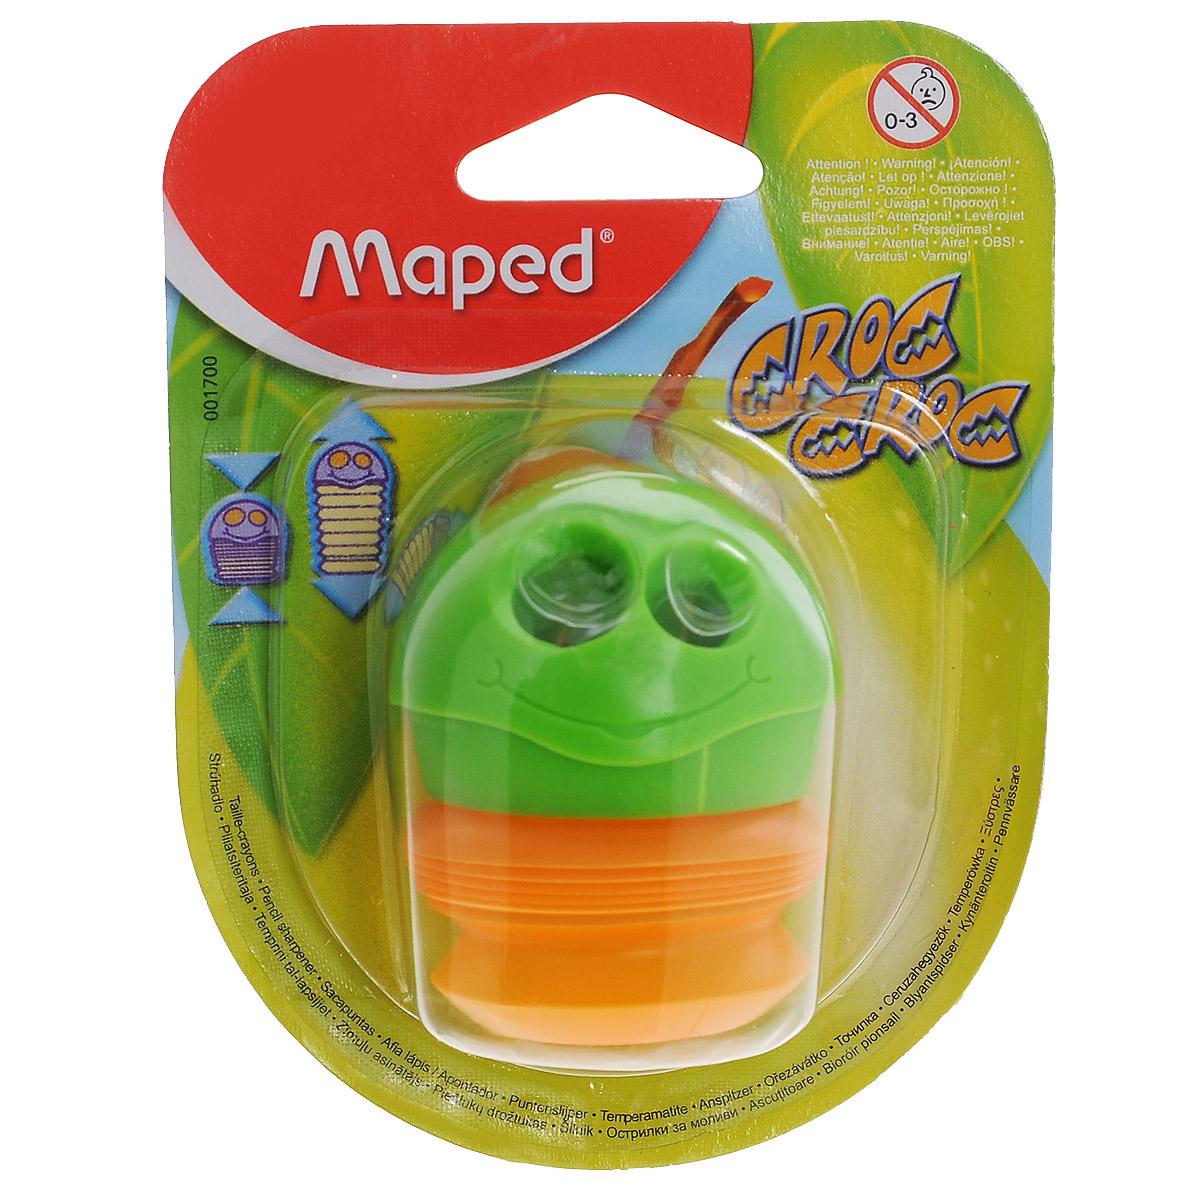 Точилка Maped Сroc-Croc, цвет: зеленый, оранжевый17002_зеленый/оранжевыйЗабавная точилка Сroc-Croc, выполненная из пластика и металла, предназначена для затачивания карандашей различного диаметра. Точилка с двумя отверстиями оснащена гибким вместительным контейнером для сбора стружки. Благодаря оригинальному дизайну и функциональности, точилка Сroc-Crocстанет любимой канцелярской принадлежностью вашего ребенка.